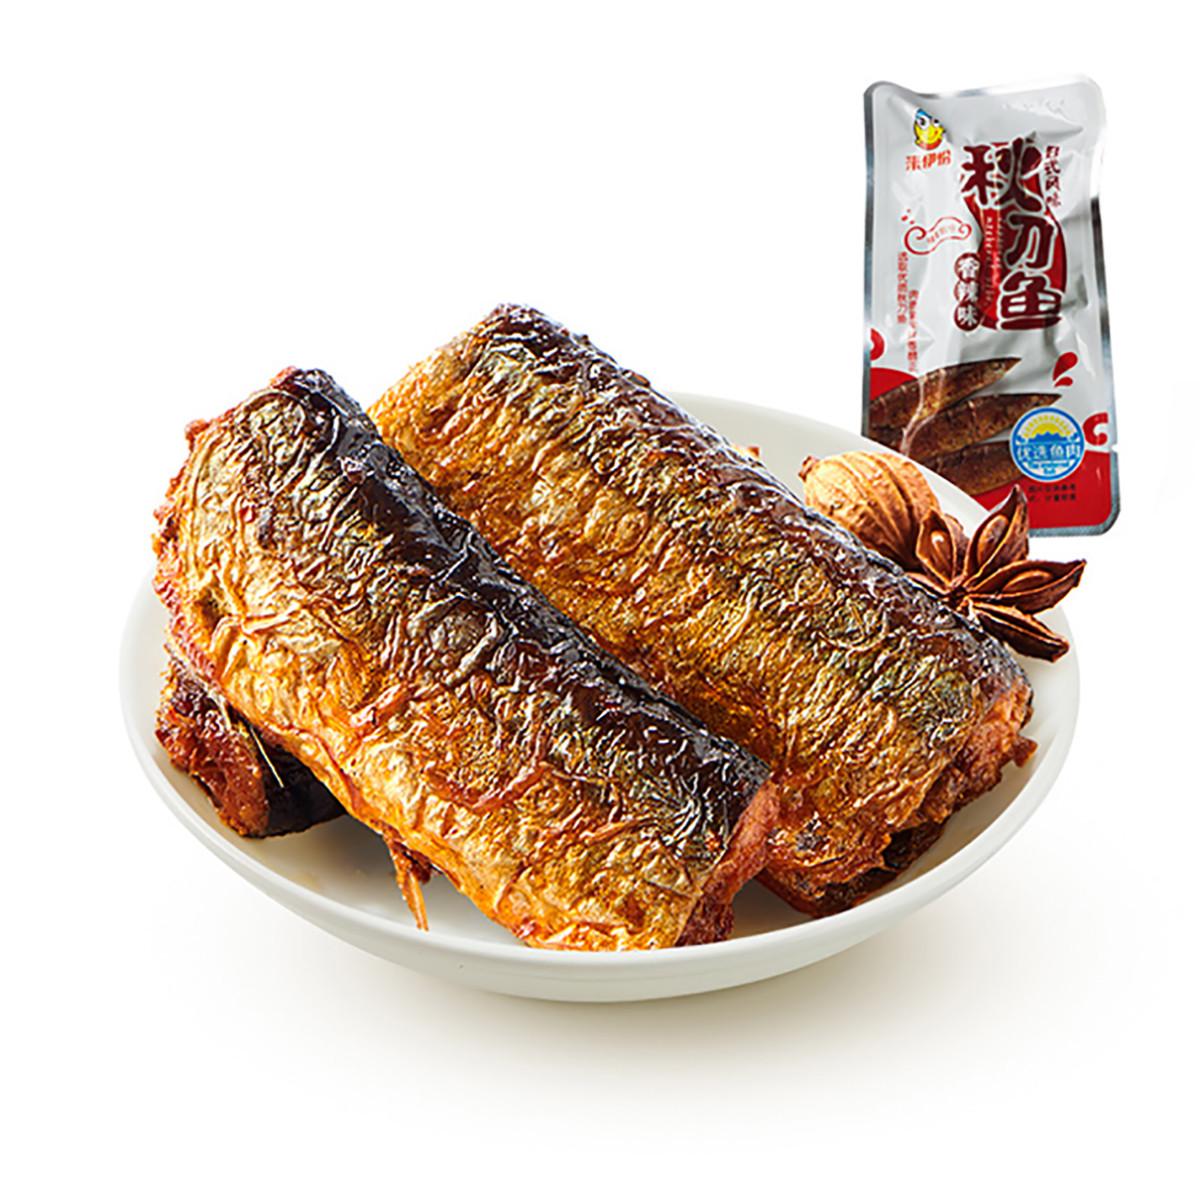 来伊份来伊份日式风味秋刀鱼(香辣味)65g零食小吃海鲜食品COLOR其它颜色